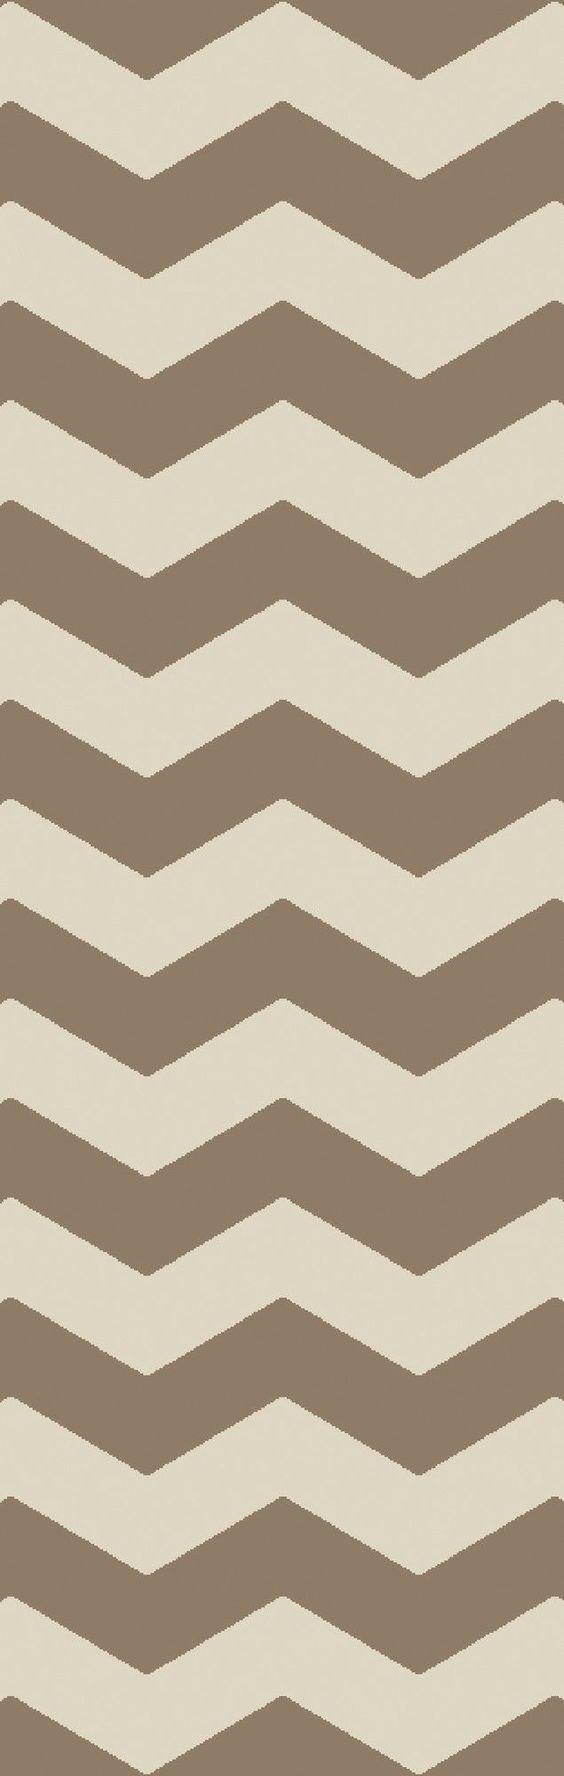 Woodcroft Beige/Brown Chevron Rug